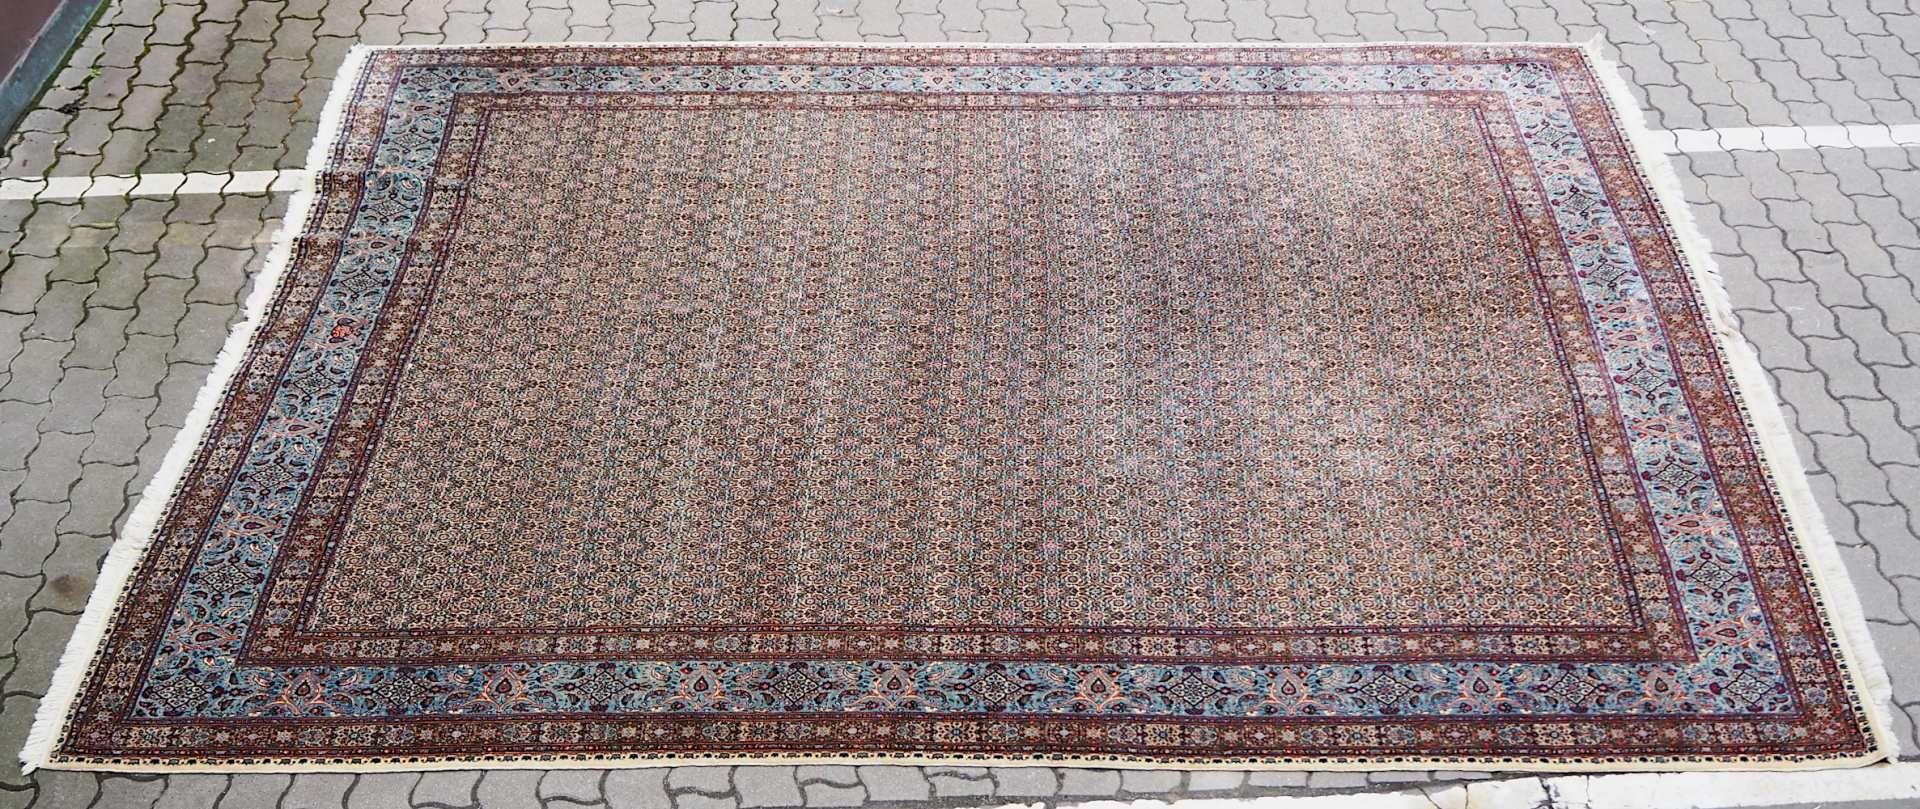 1 Orientteppich beige-/hellblaugrundig, floraler Dekor, Mehrfachbordüre, ca. 370x296c